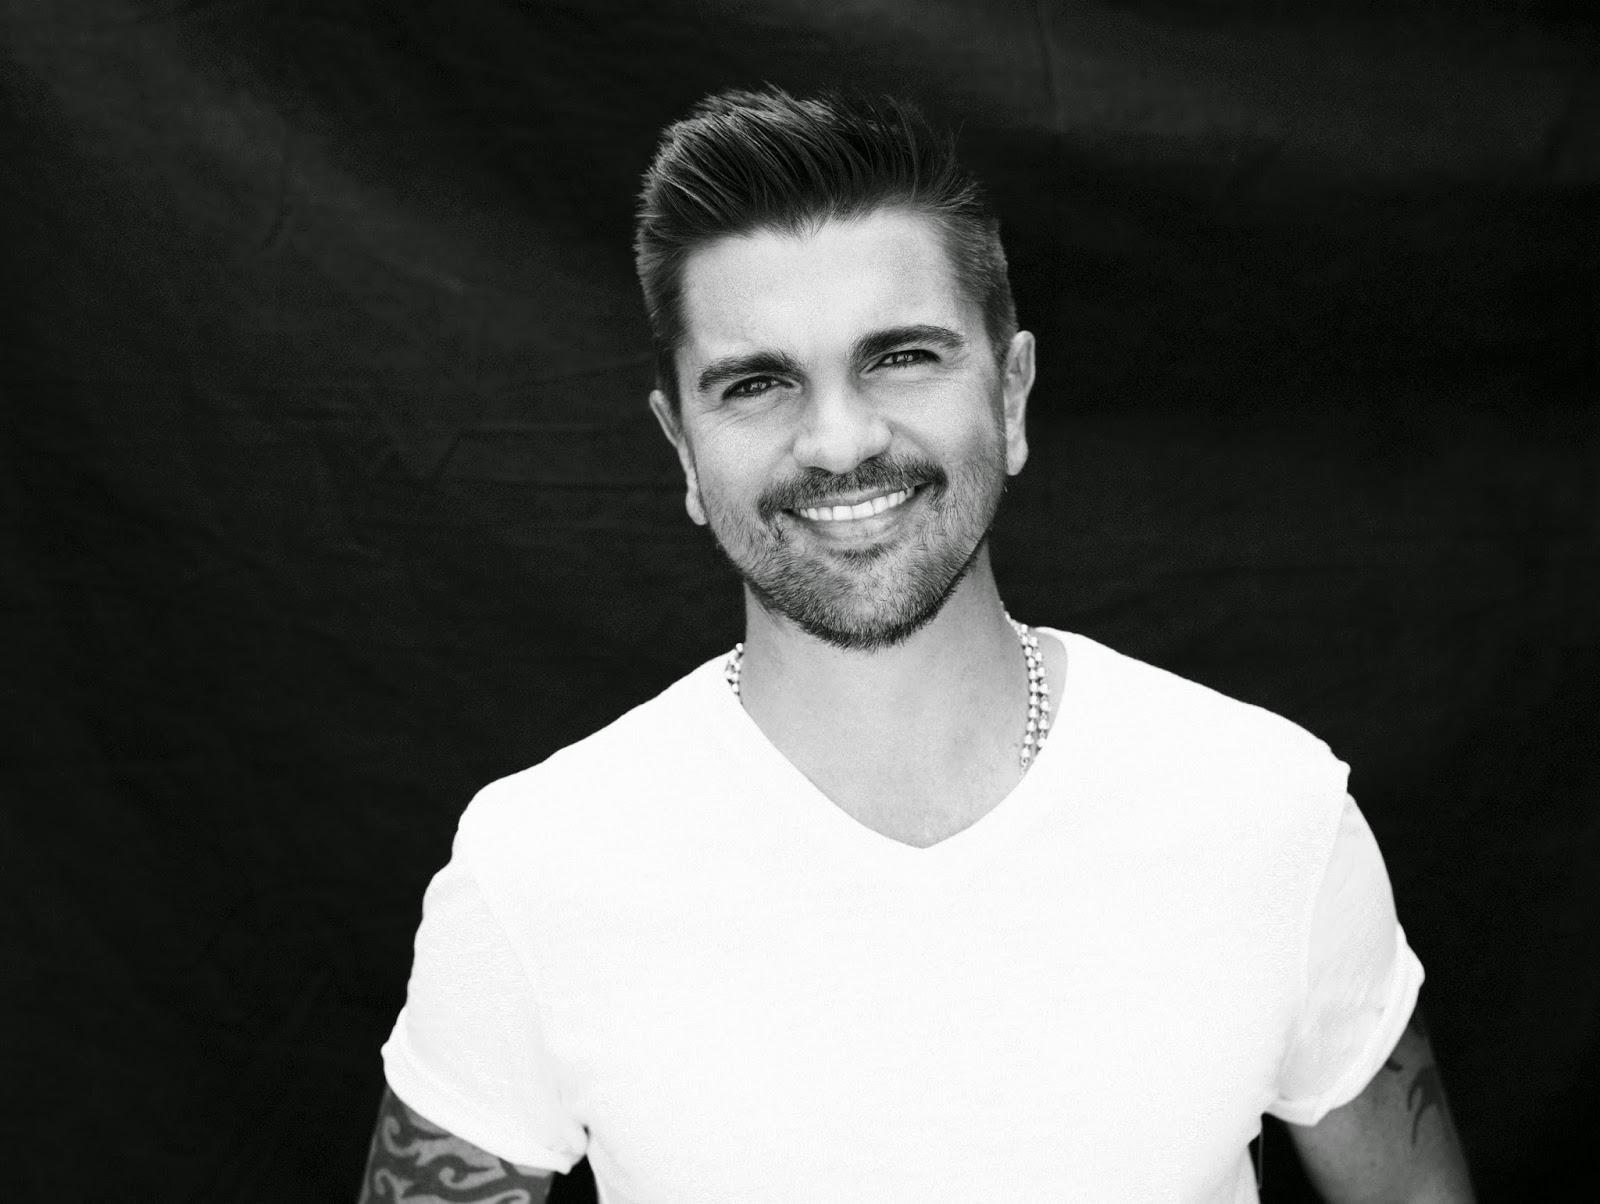 Juanes – Juntos (Together) (Lyrics)